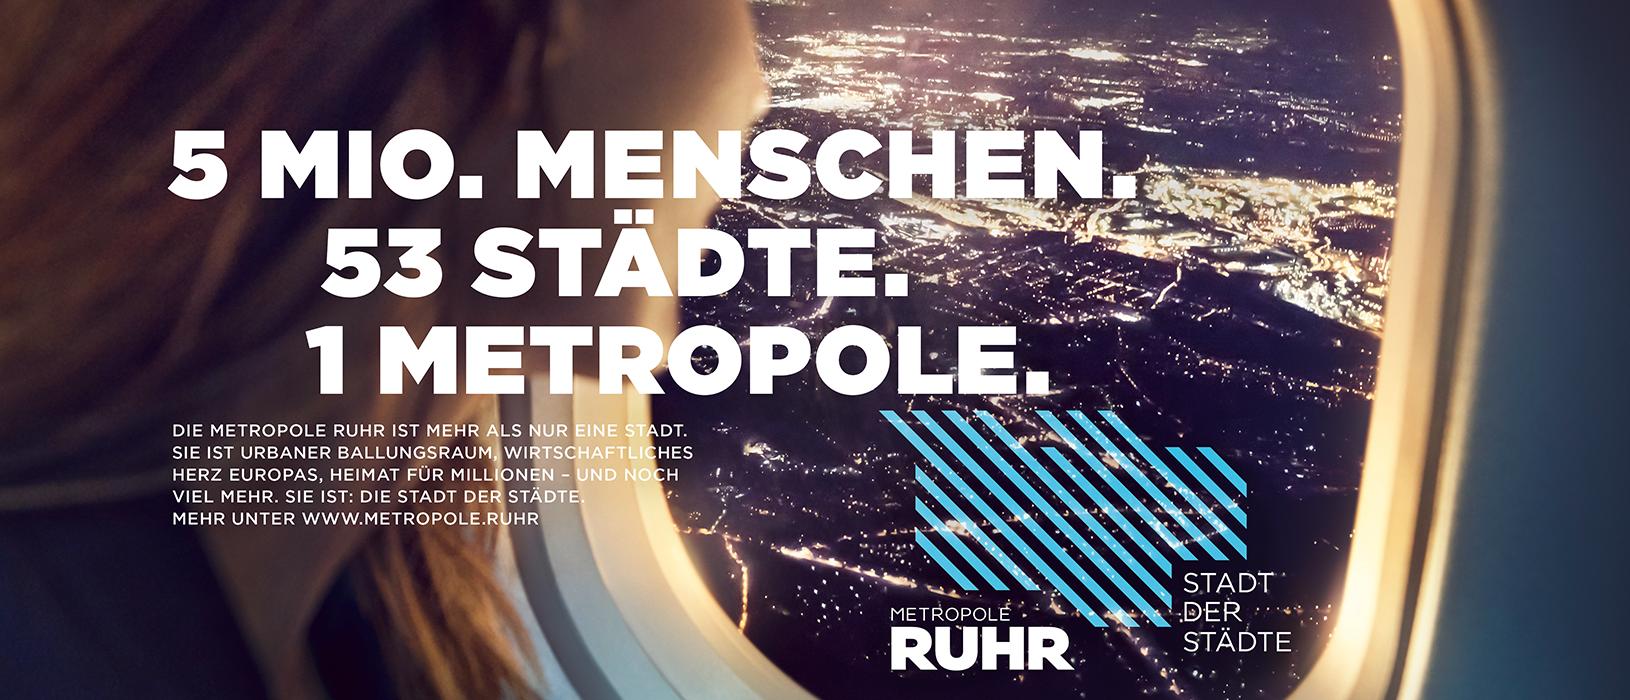 5 Mio. Menschen. 53 Städte. 1 Metropole. Metropole Ruhr – Stadt der Städte